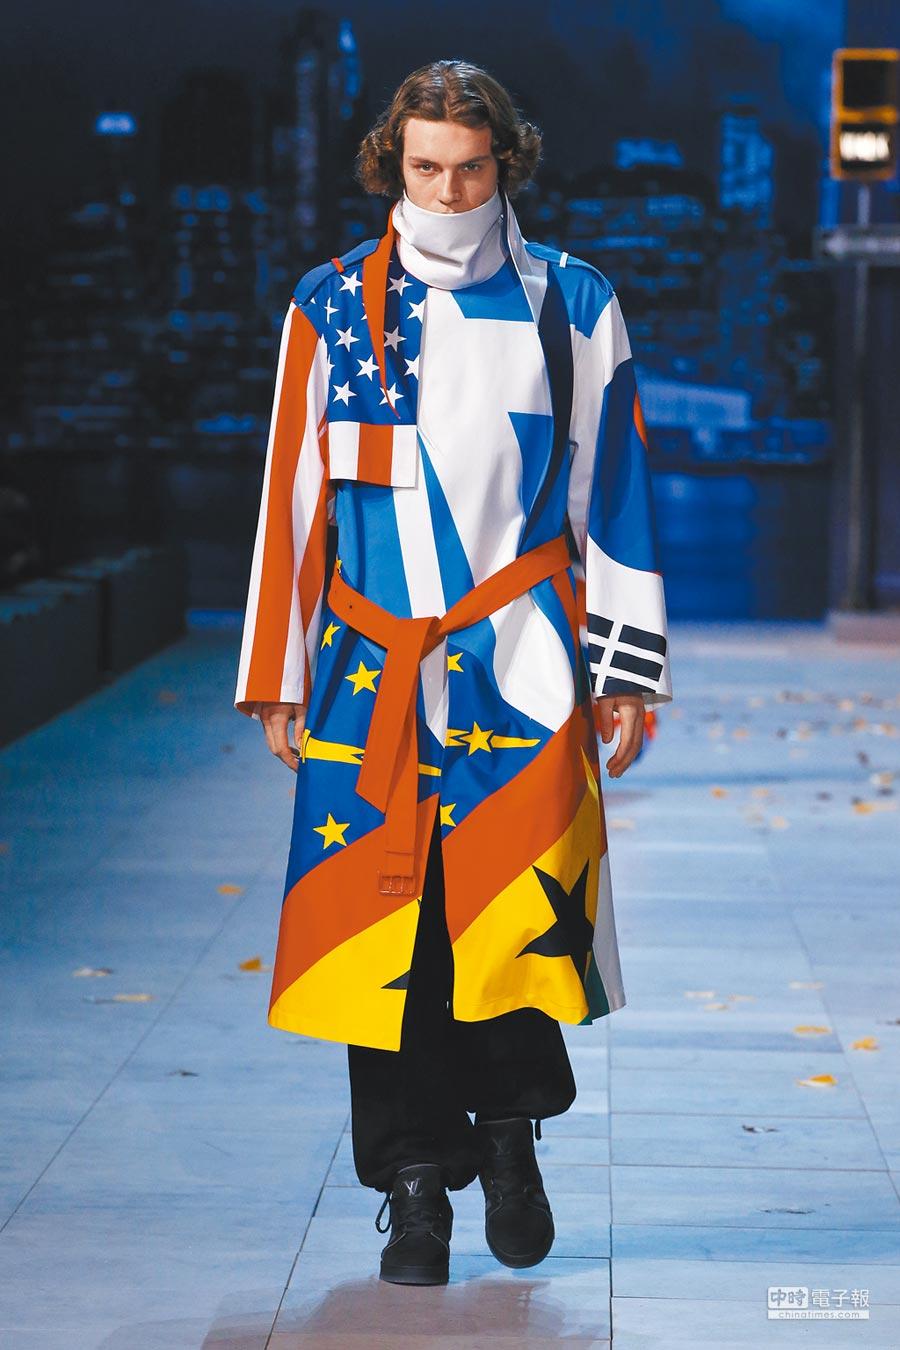 由不同國家國旗圖案拼貼而成的大衣,蘊藏了全球共融的美好願景。(LV提供)